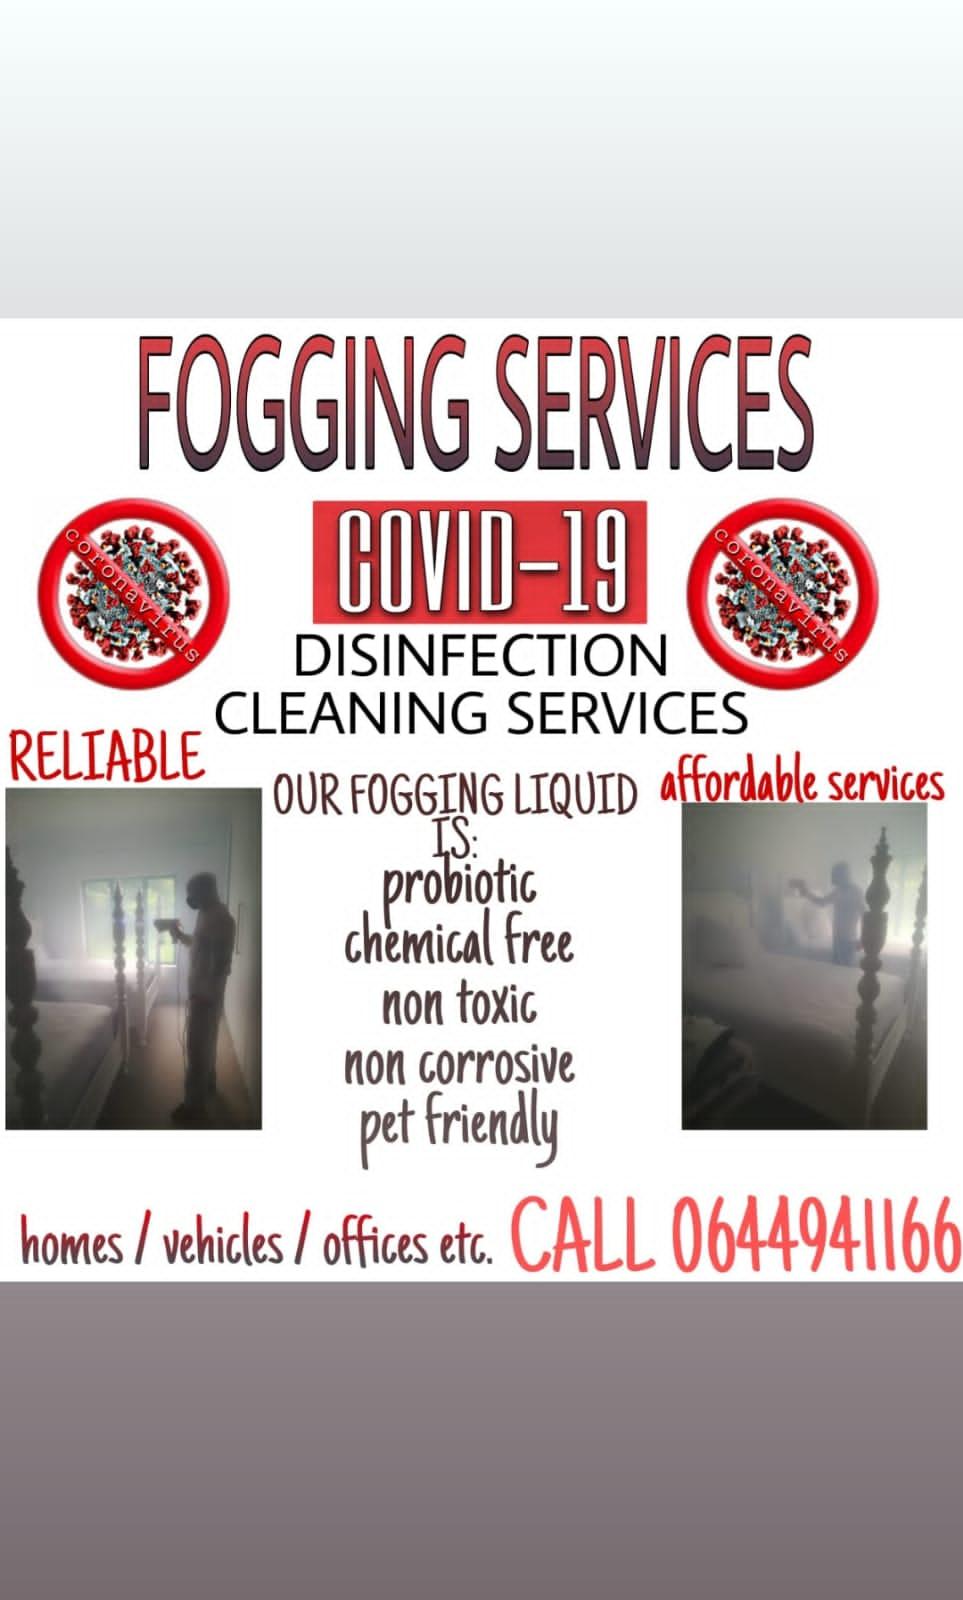 Probiotic fogging treatment